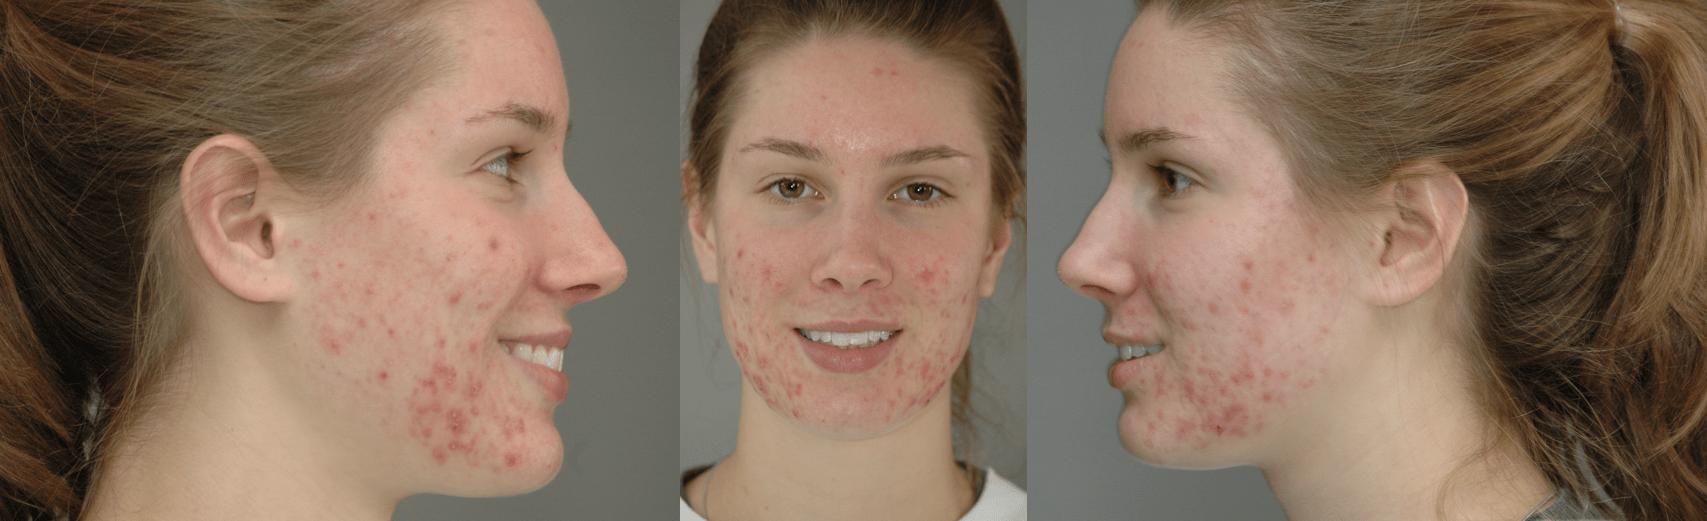 My acne tri